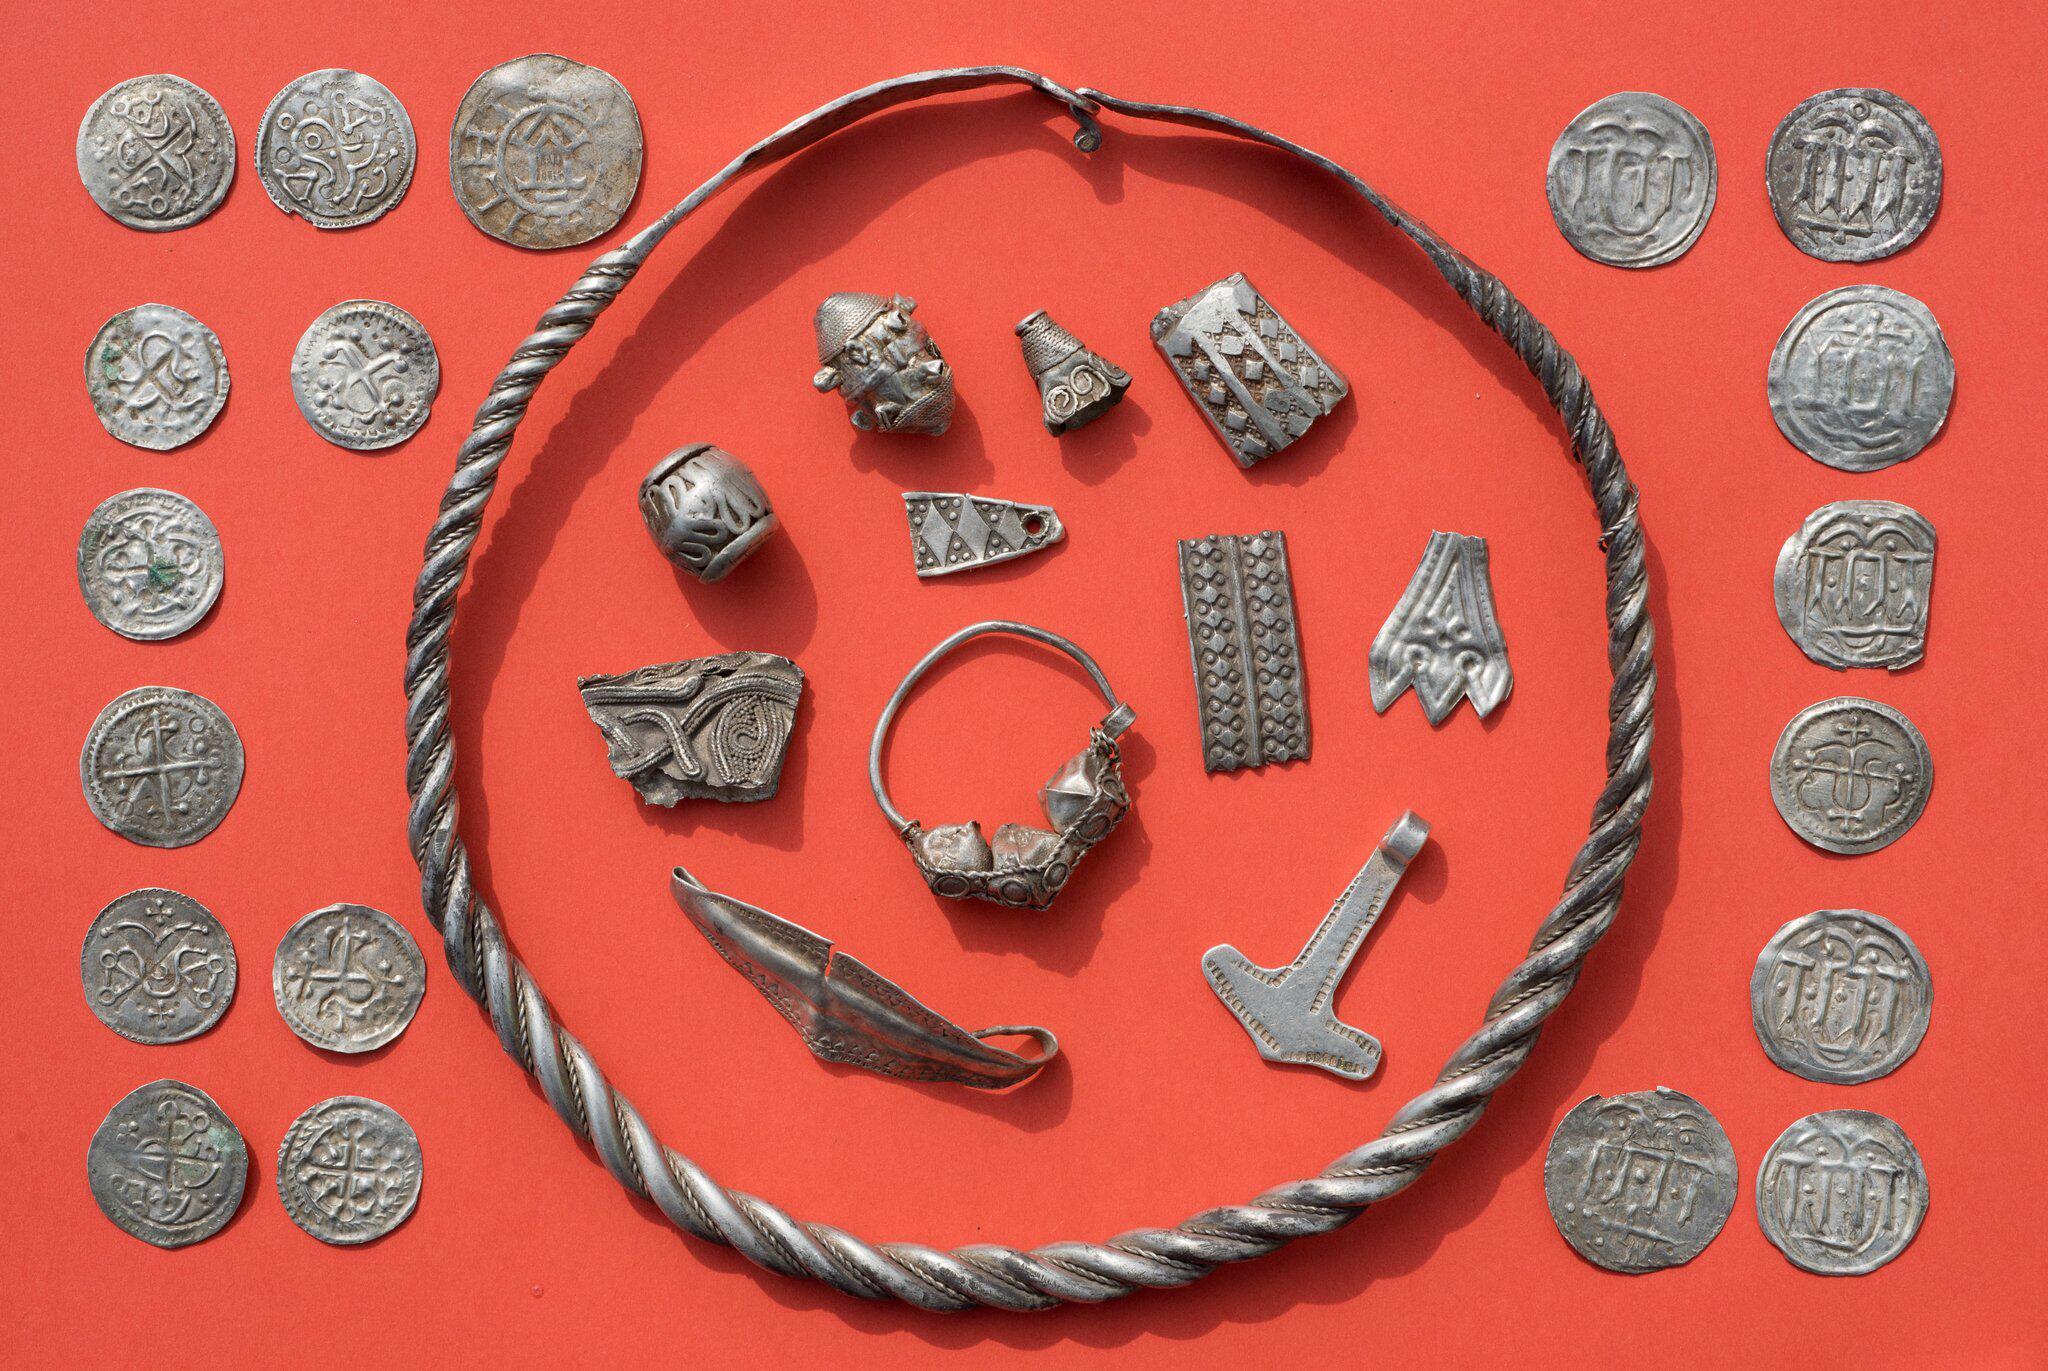 Bild zu Silberschatz auf Rügen gefunden